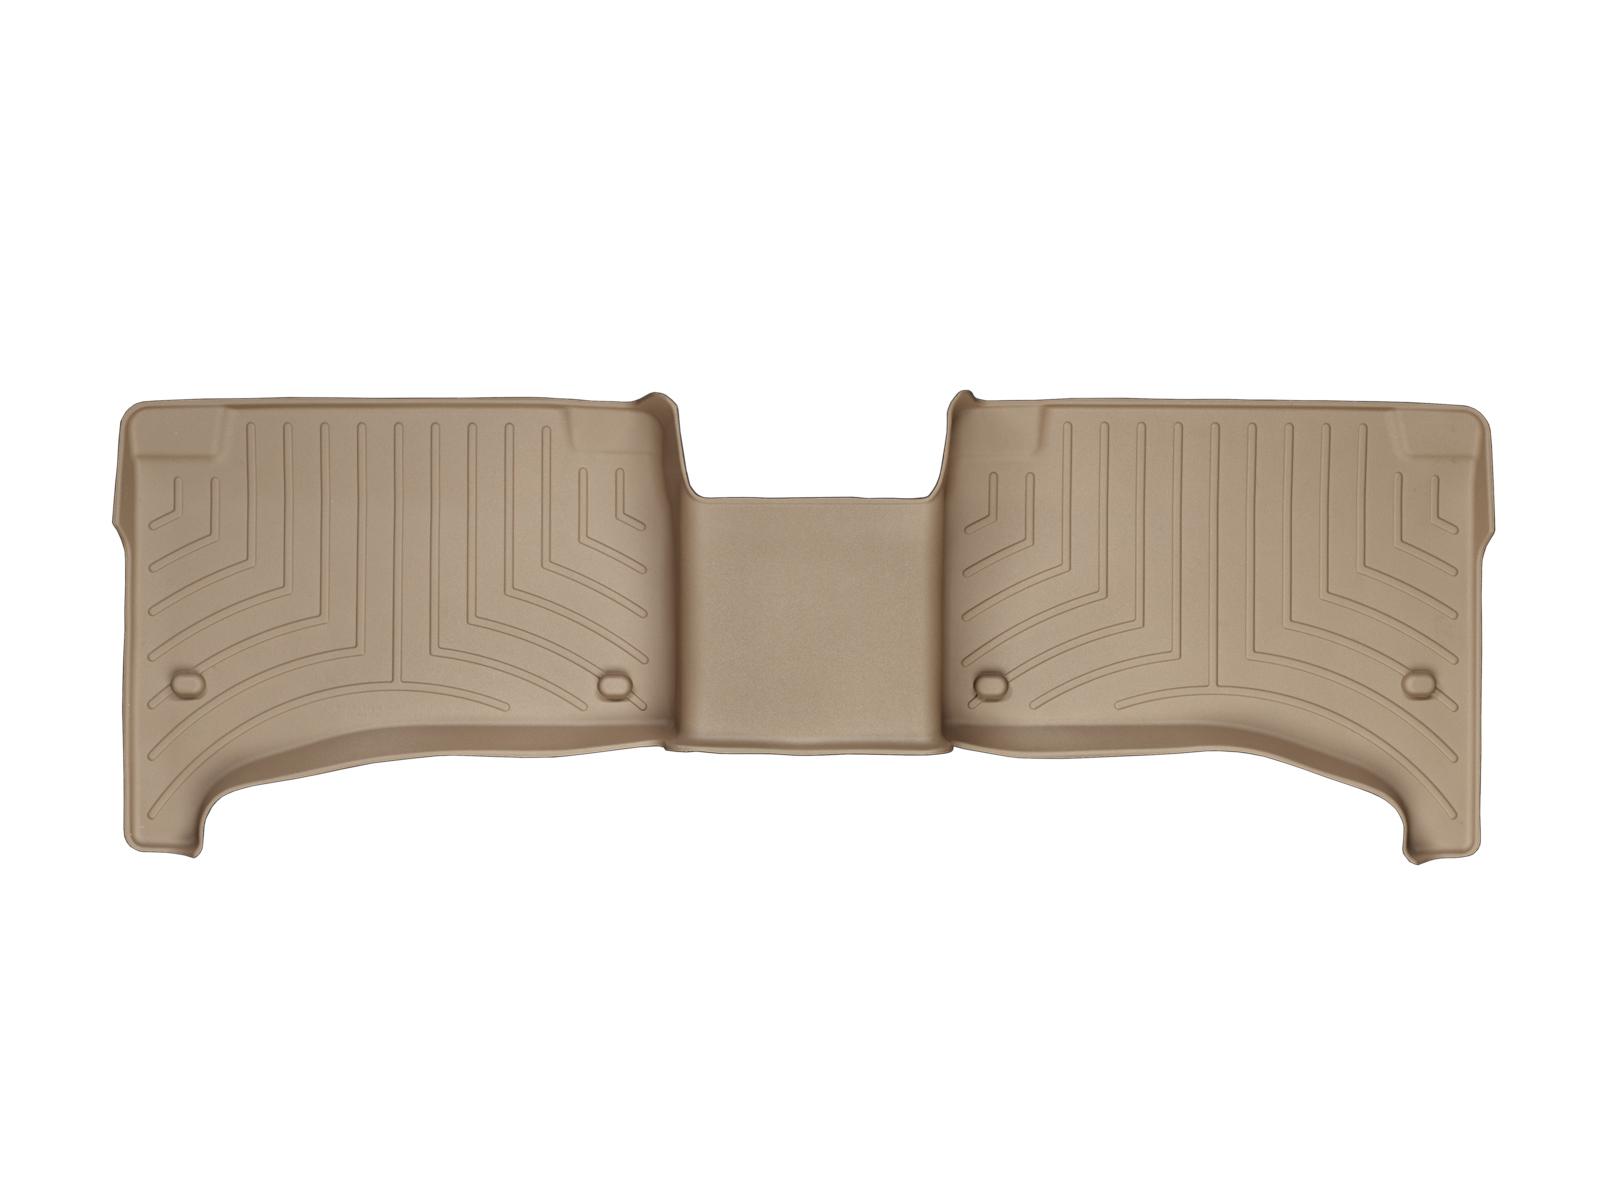 Tappeti gomma su misura bordo alto Volkswagen Touareg 10>10 Marrone A4321*